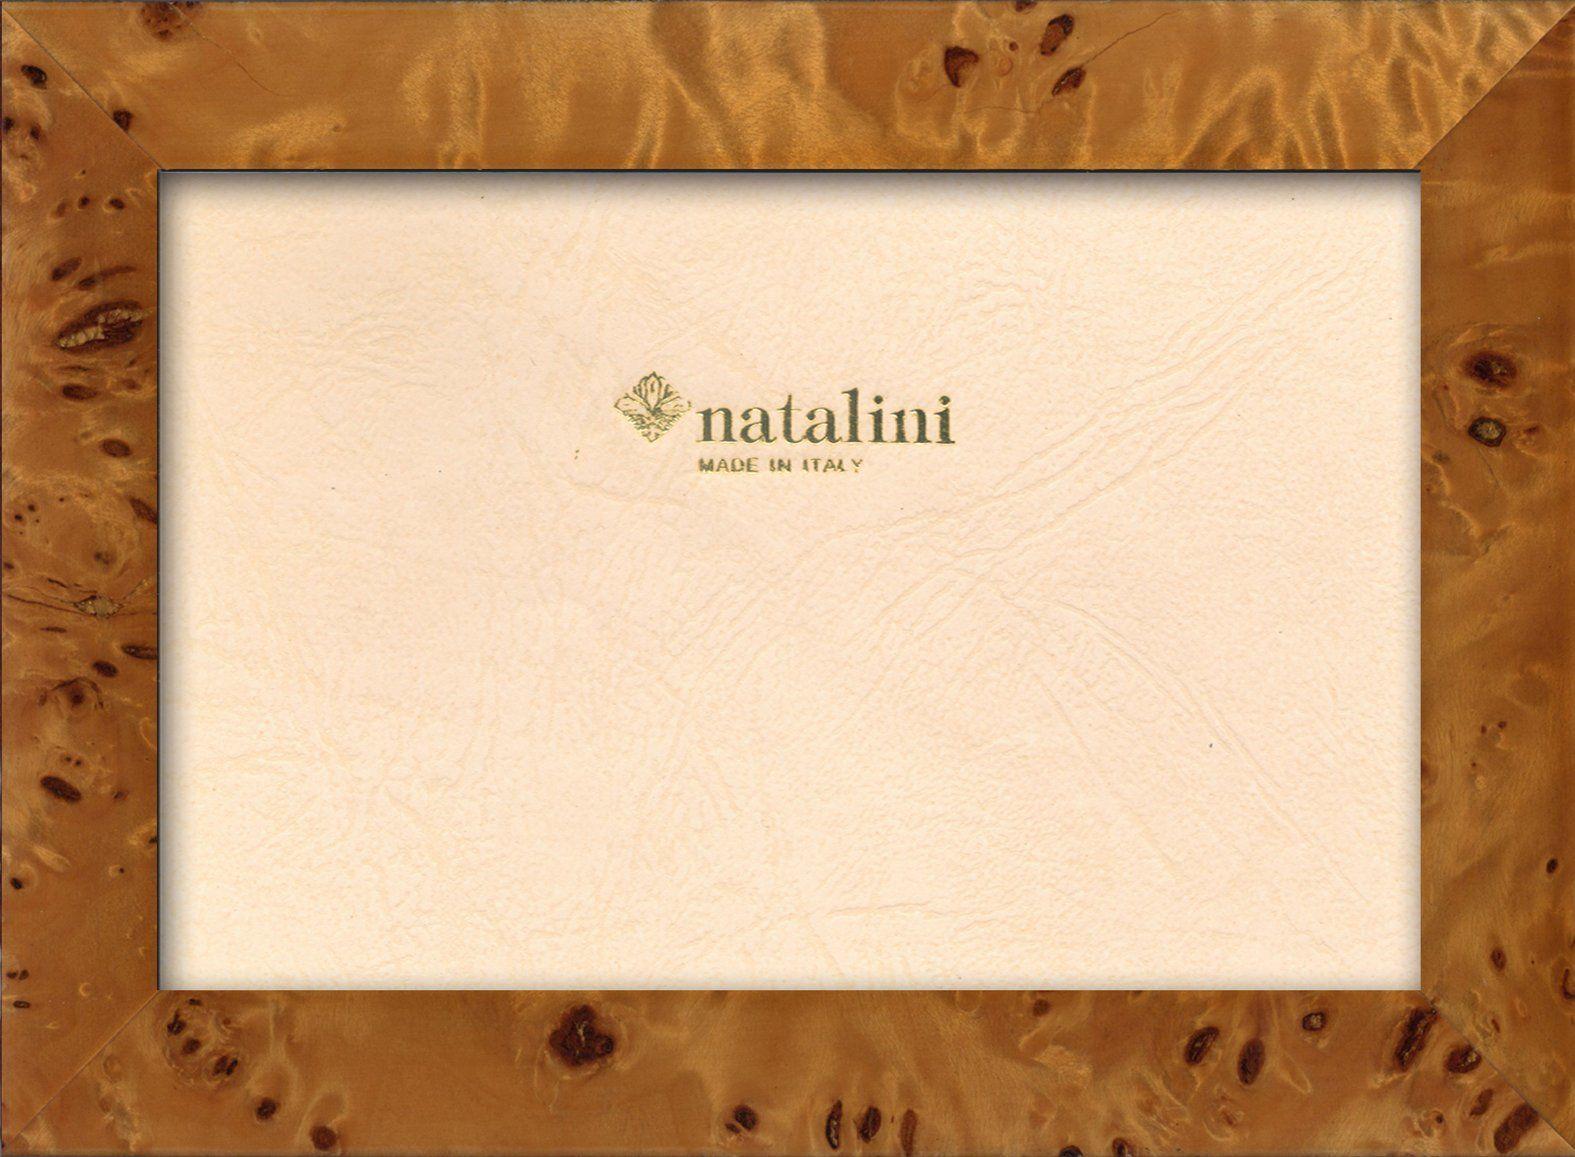 Natalini Ramka na zdjęcia Marquetry wykonana we Włoszech, tulipan, topola, 12 cm x 18 cm